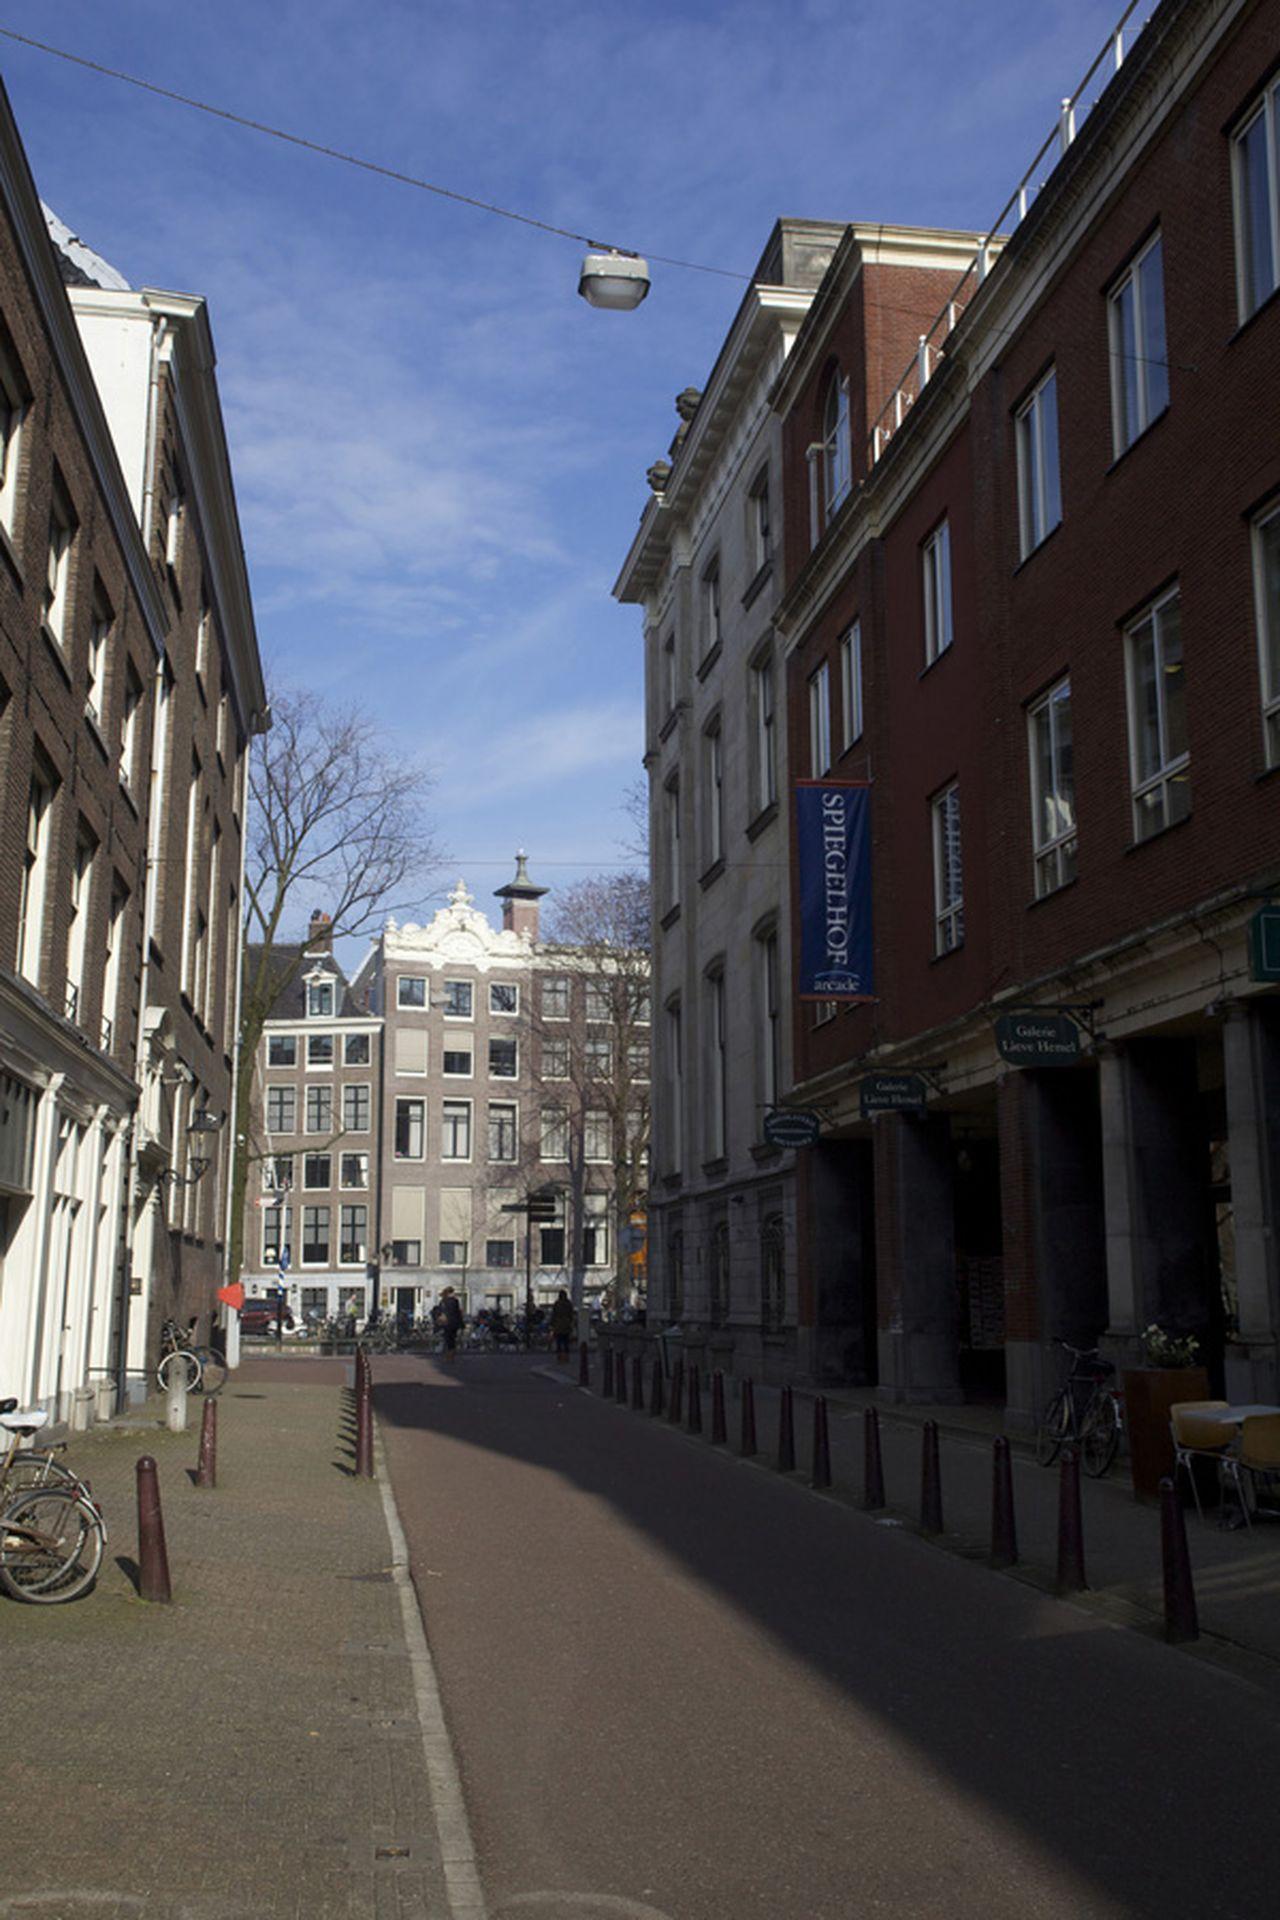 Straat met standbeeld (1934), Nieuwe Spiegelstraat 1-9, richting Herengracht (foto)